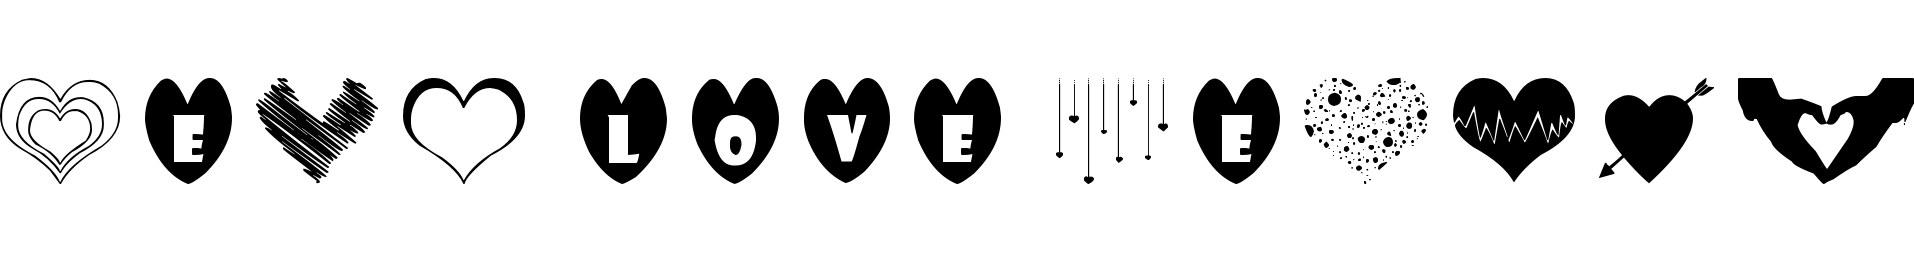 Sexy Love Hearts